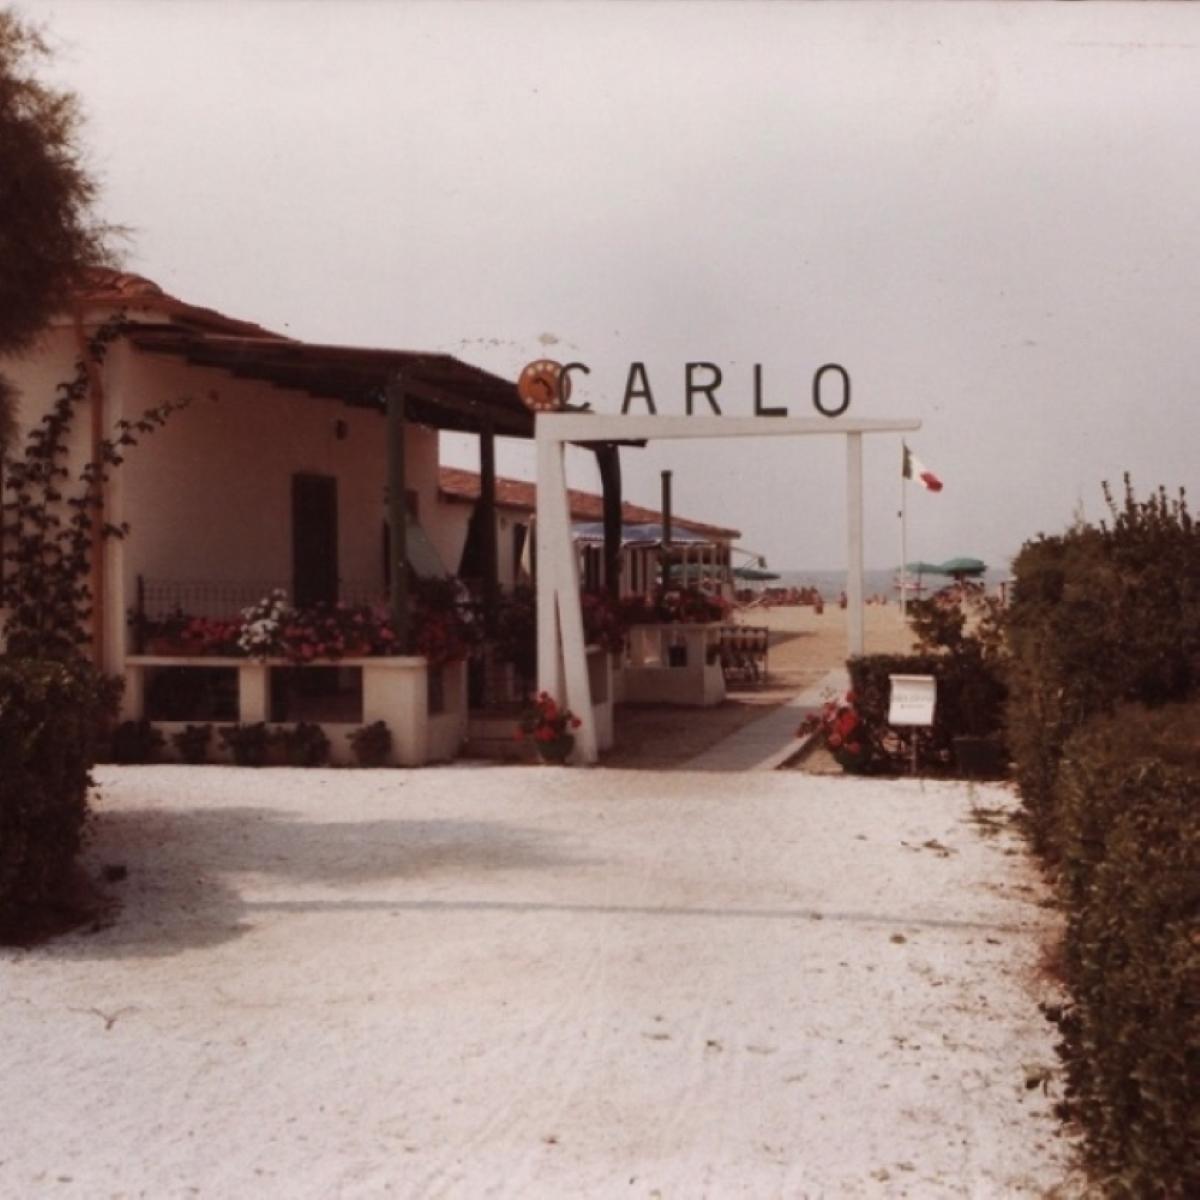 Bagno Carlo